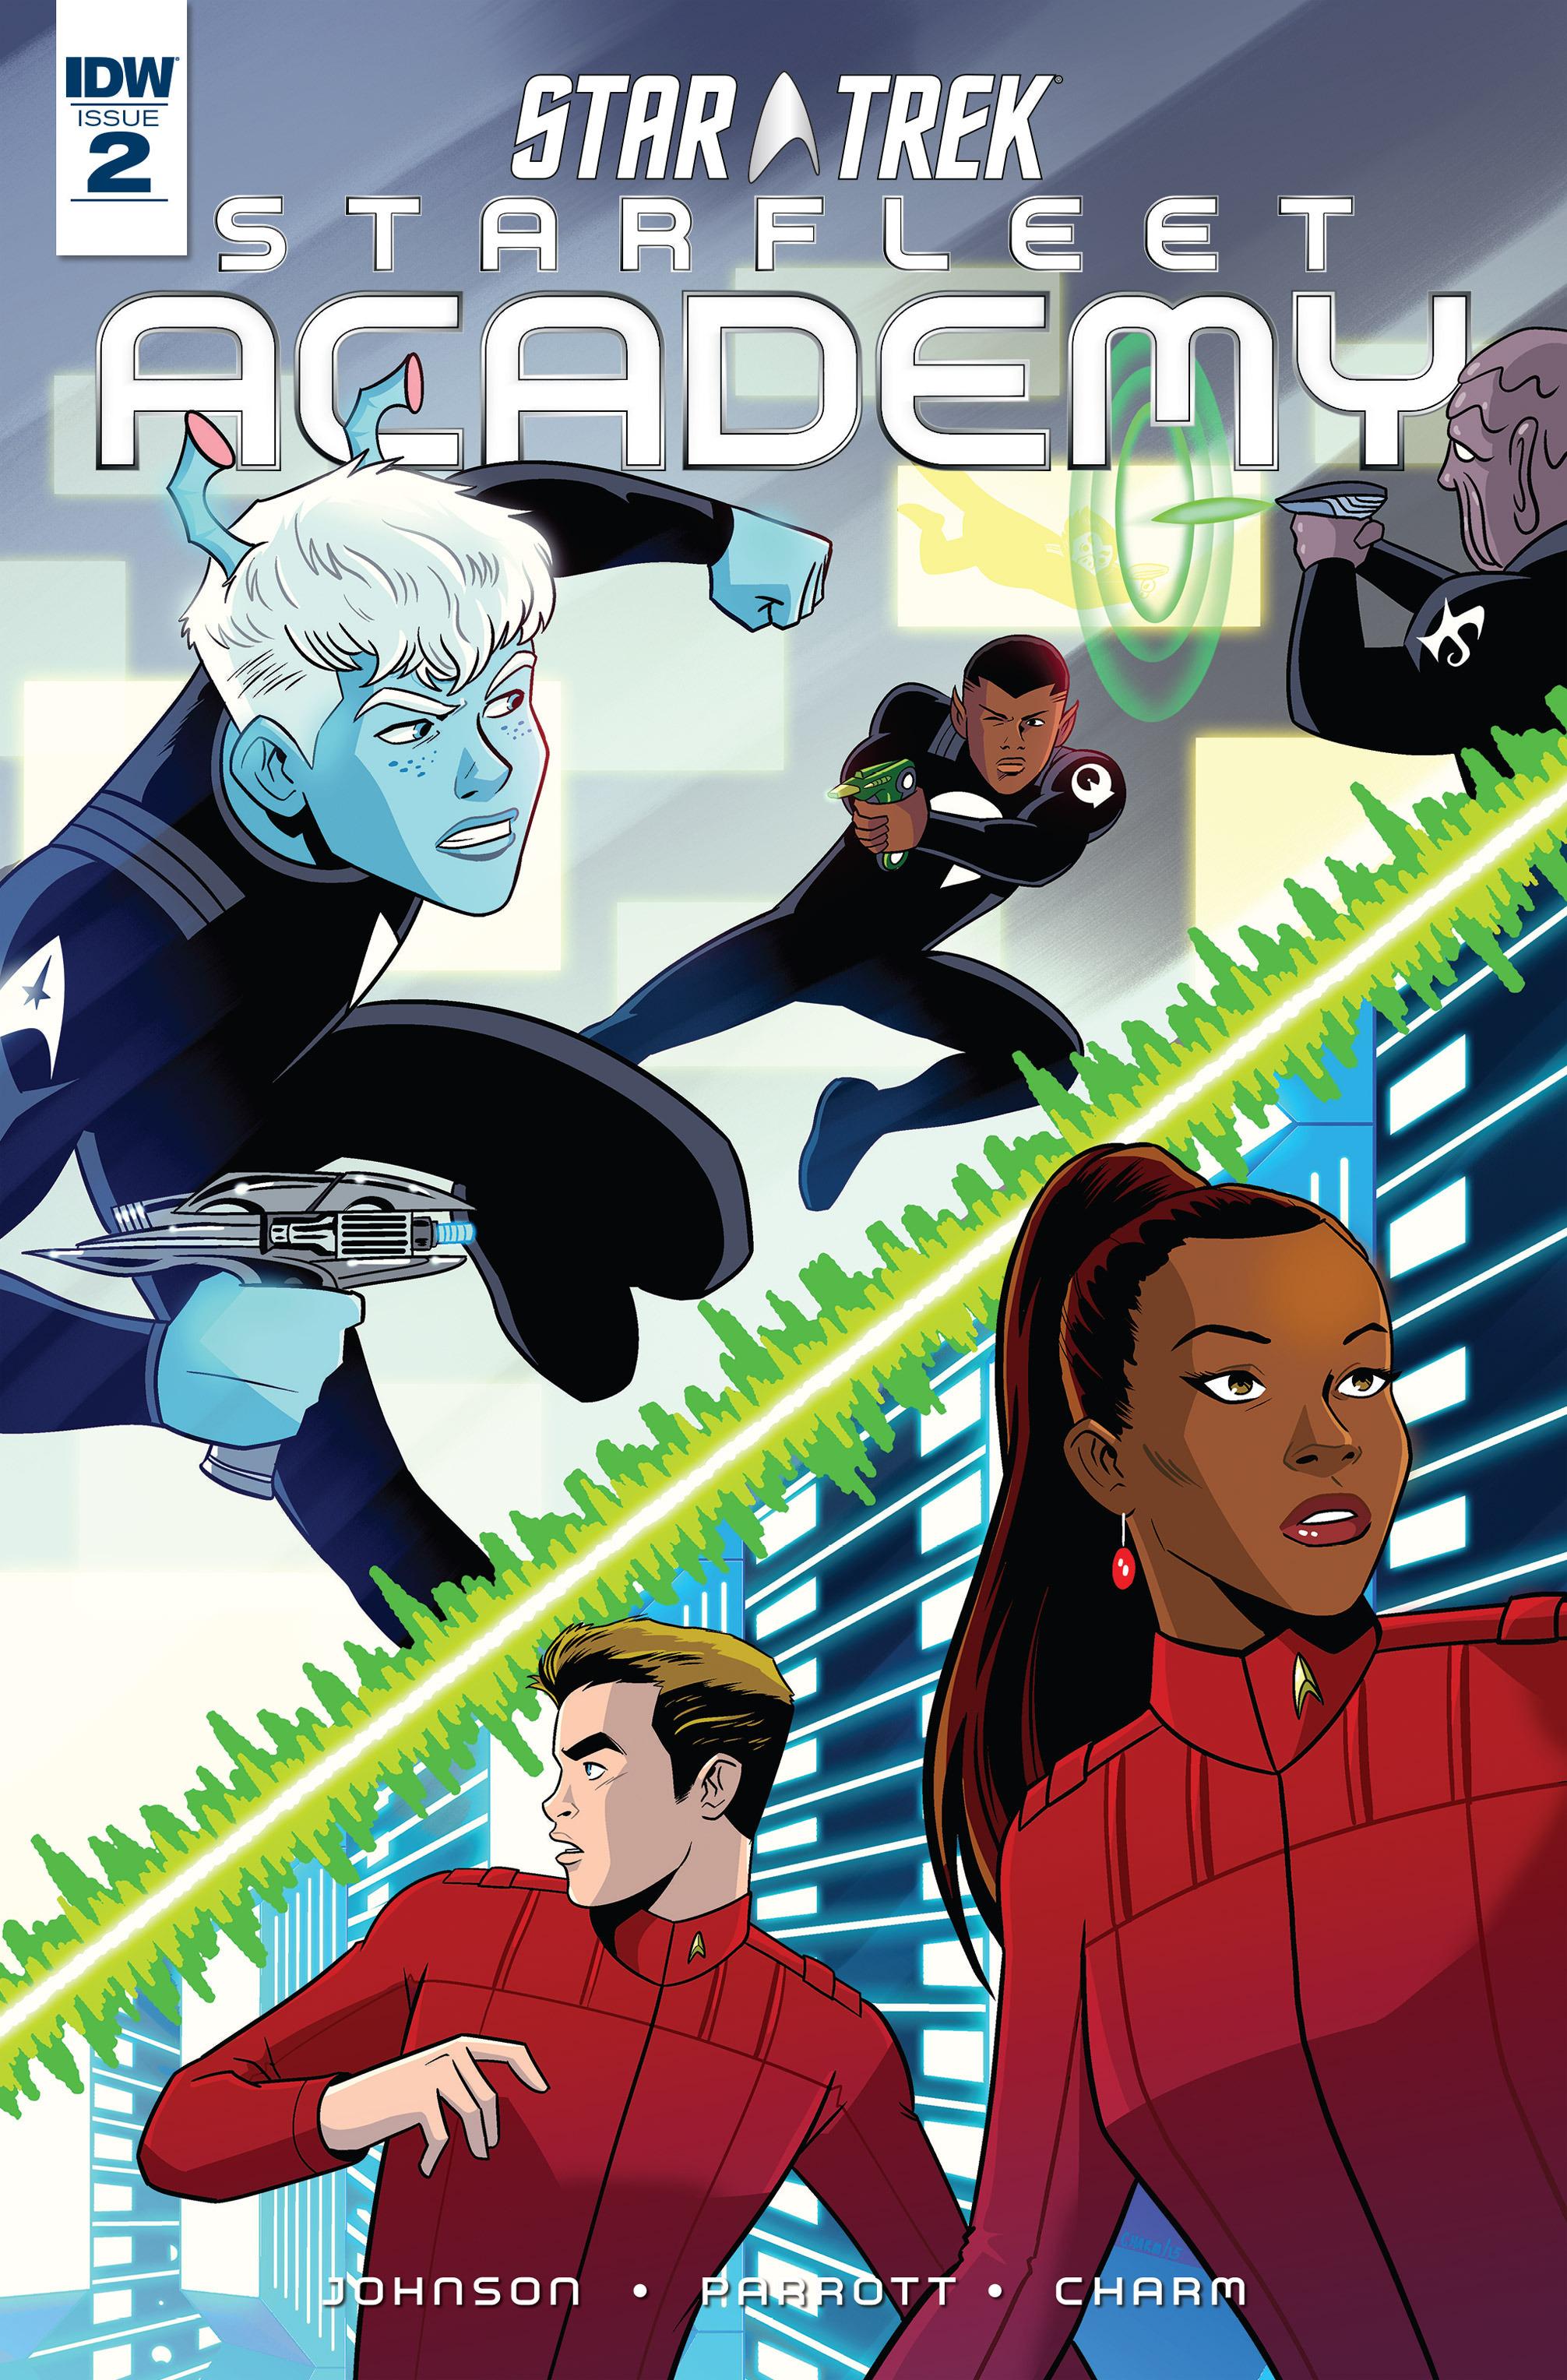 Star Trek - Starfleet Academy (2015) issue 2 - Page 1